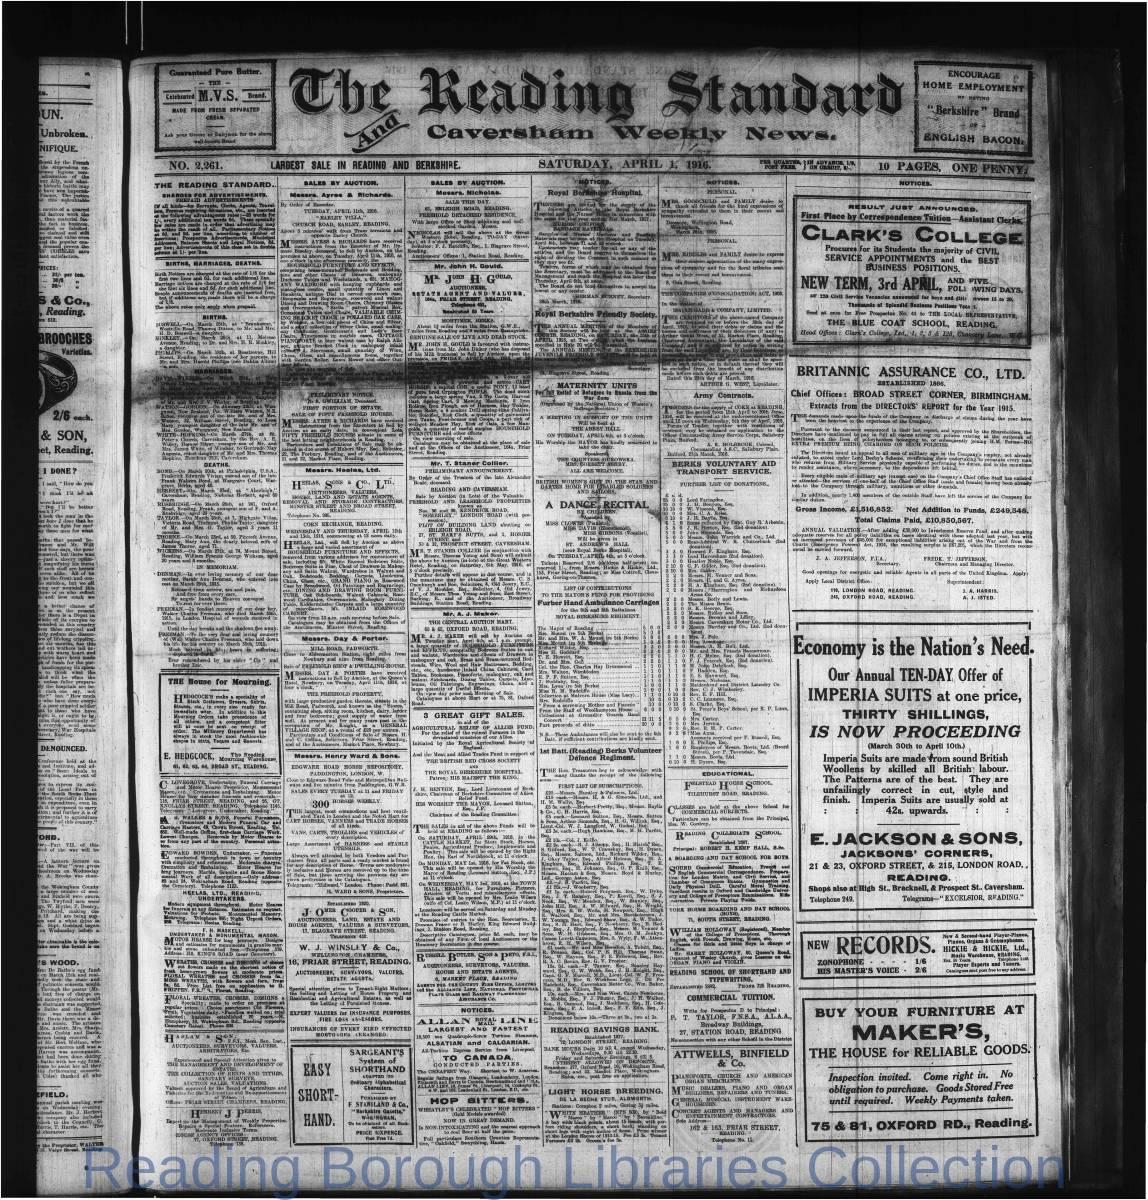 Reading Standard Etc_01-04-1916_00002.jpg